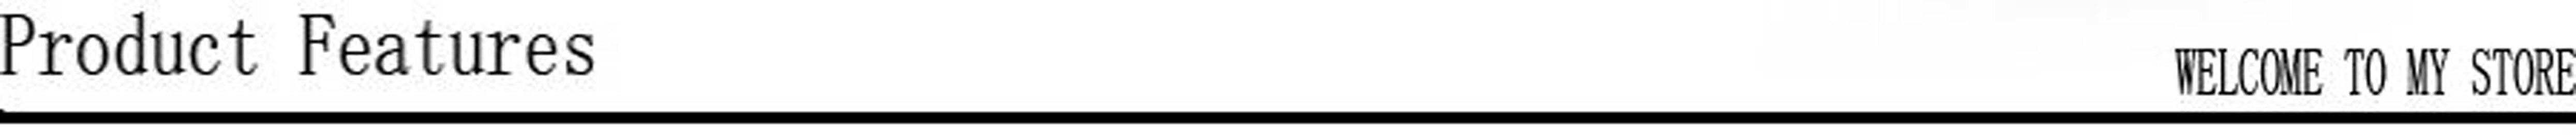 100 г/200 г/300 г/500 г портативные ювелирные весы Двойное Питание цифровые карманные весы золото и серебро Взвешивание ювелирных изделий грамм весы